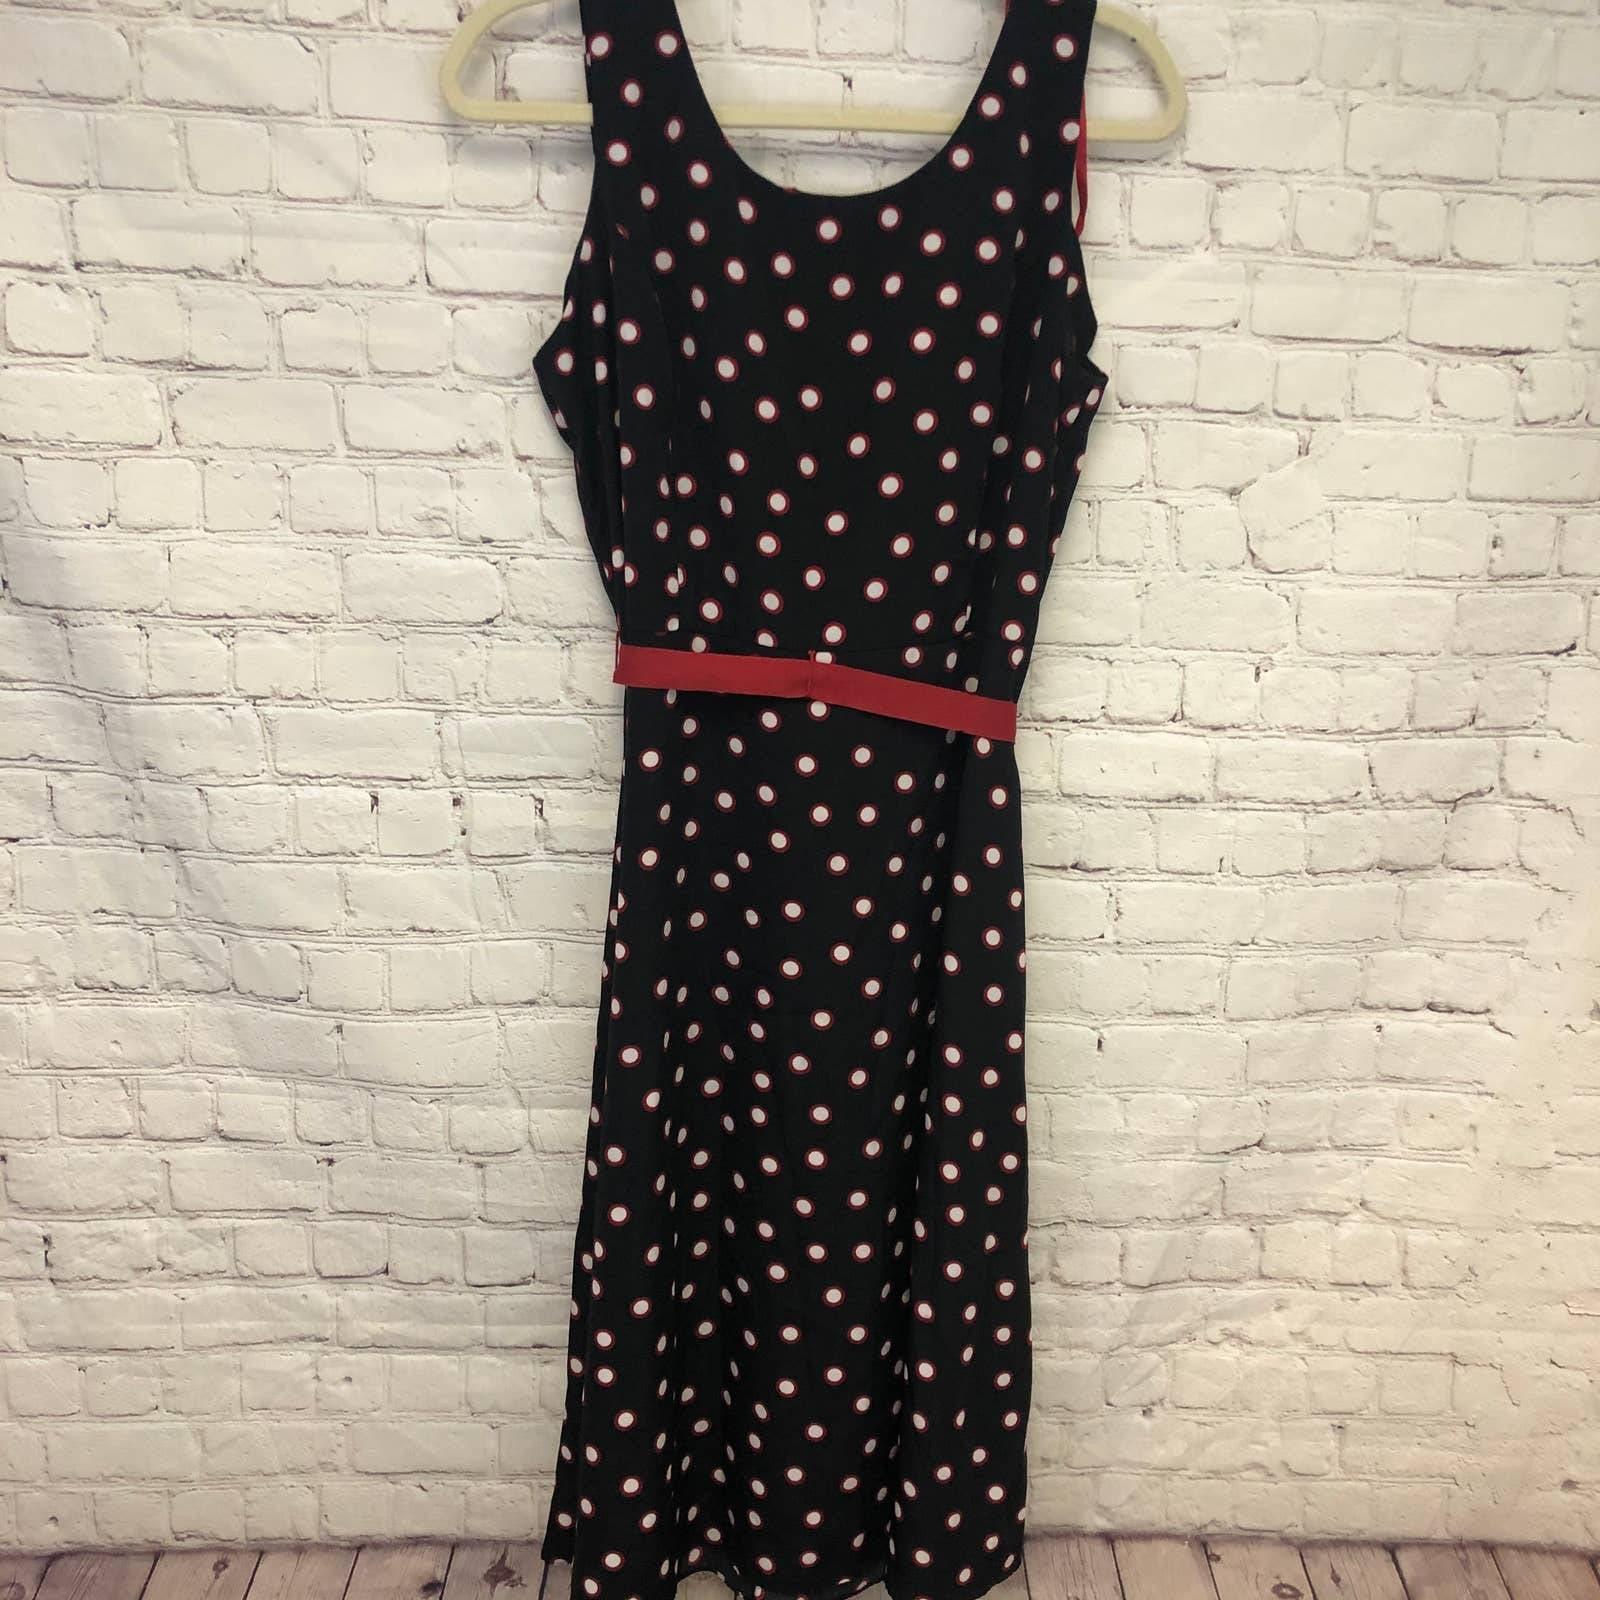 Studio 1 Polka Dot Midi Dress Size 14P